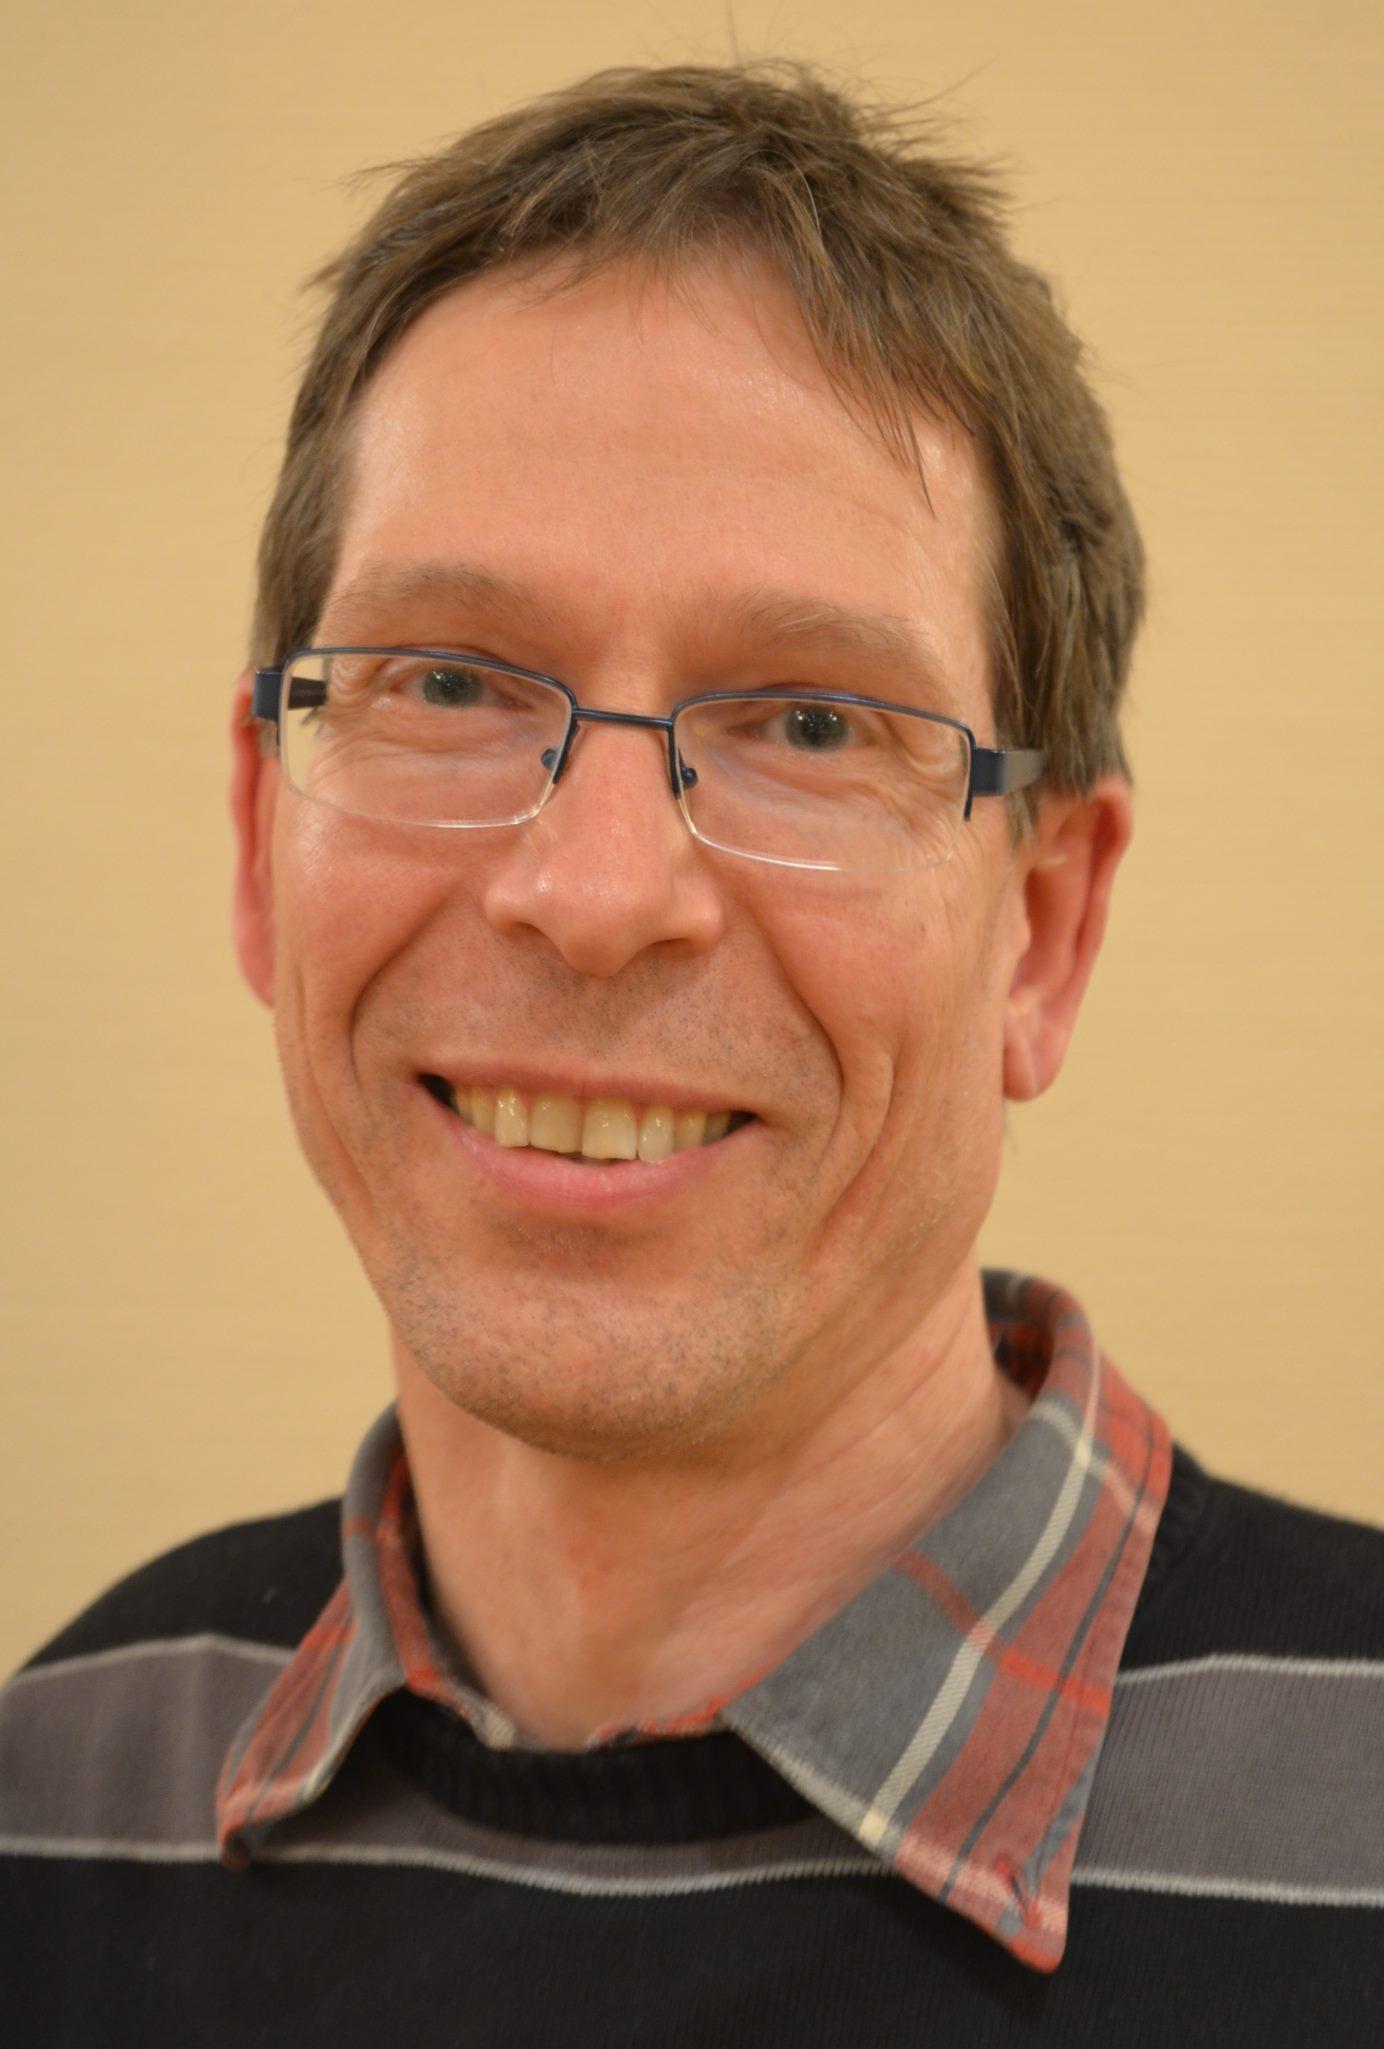 Joachim schneider info zur person mit bilder news for Schneider miltenberg